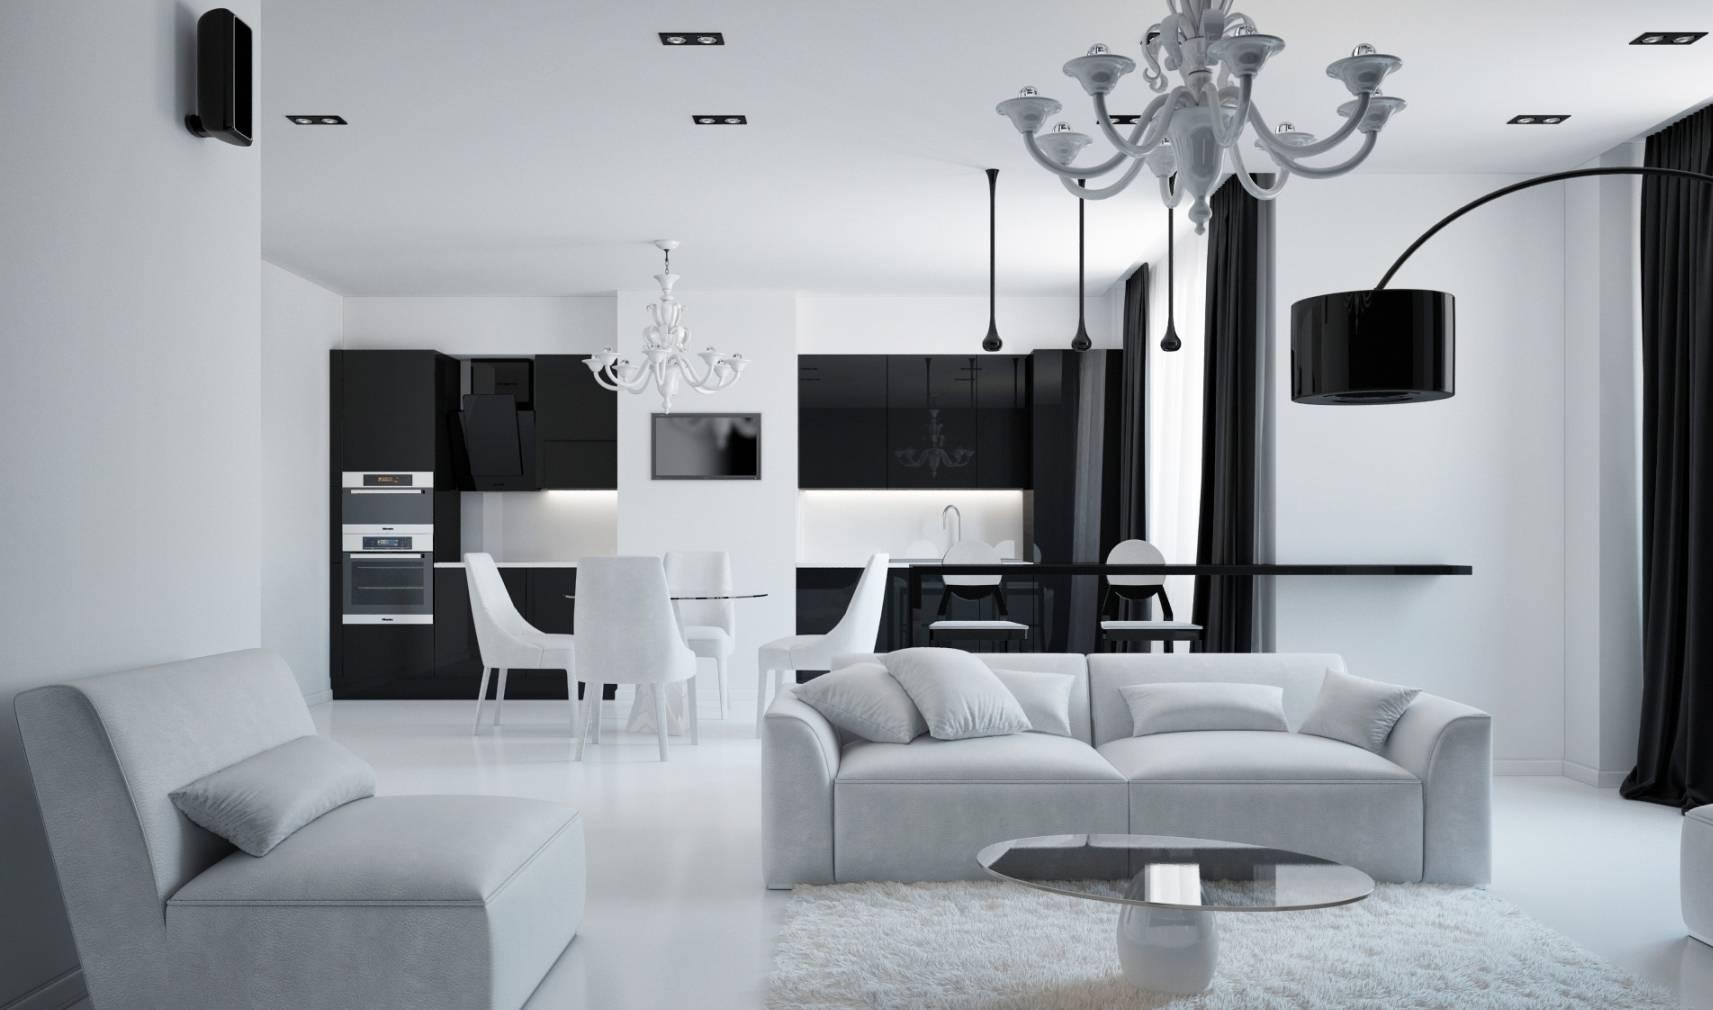 Кухня в стиле хай-тек: угловая, маленькая, кухня-гостиная, фото в интерьере